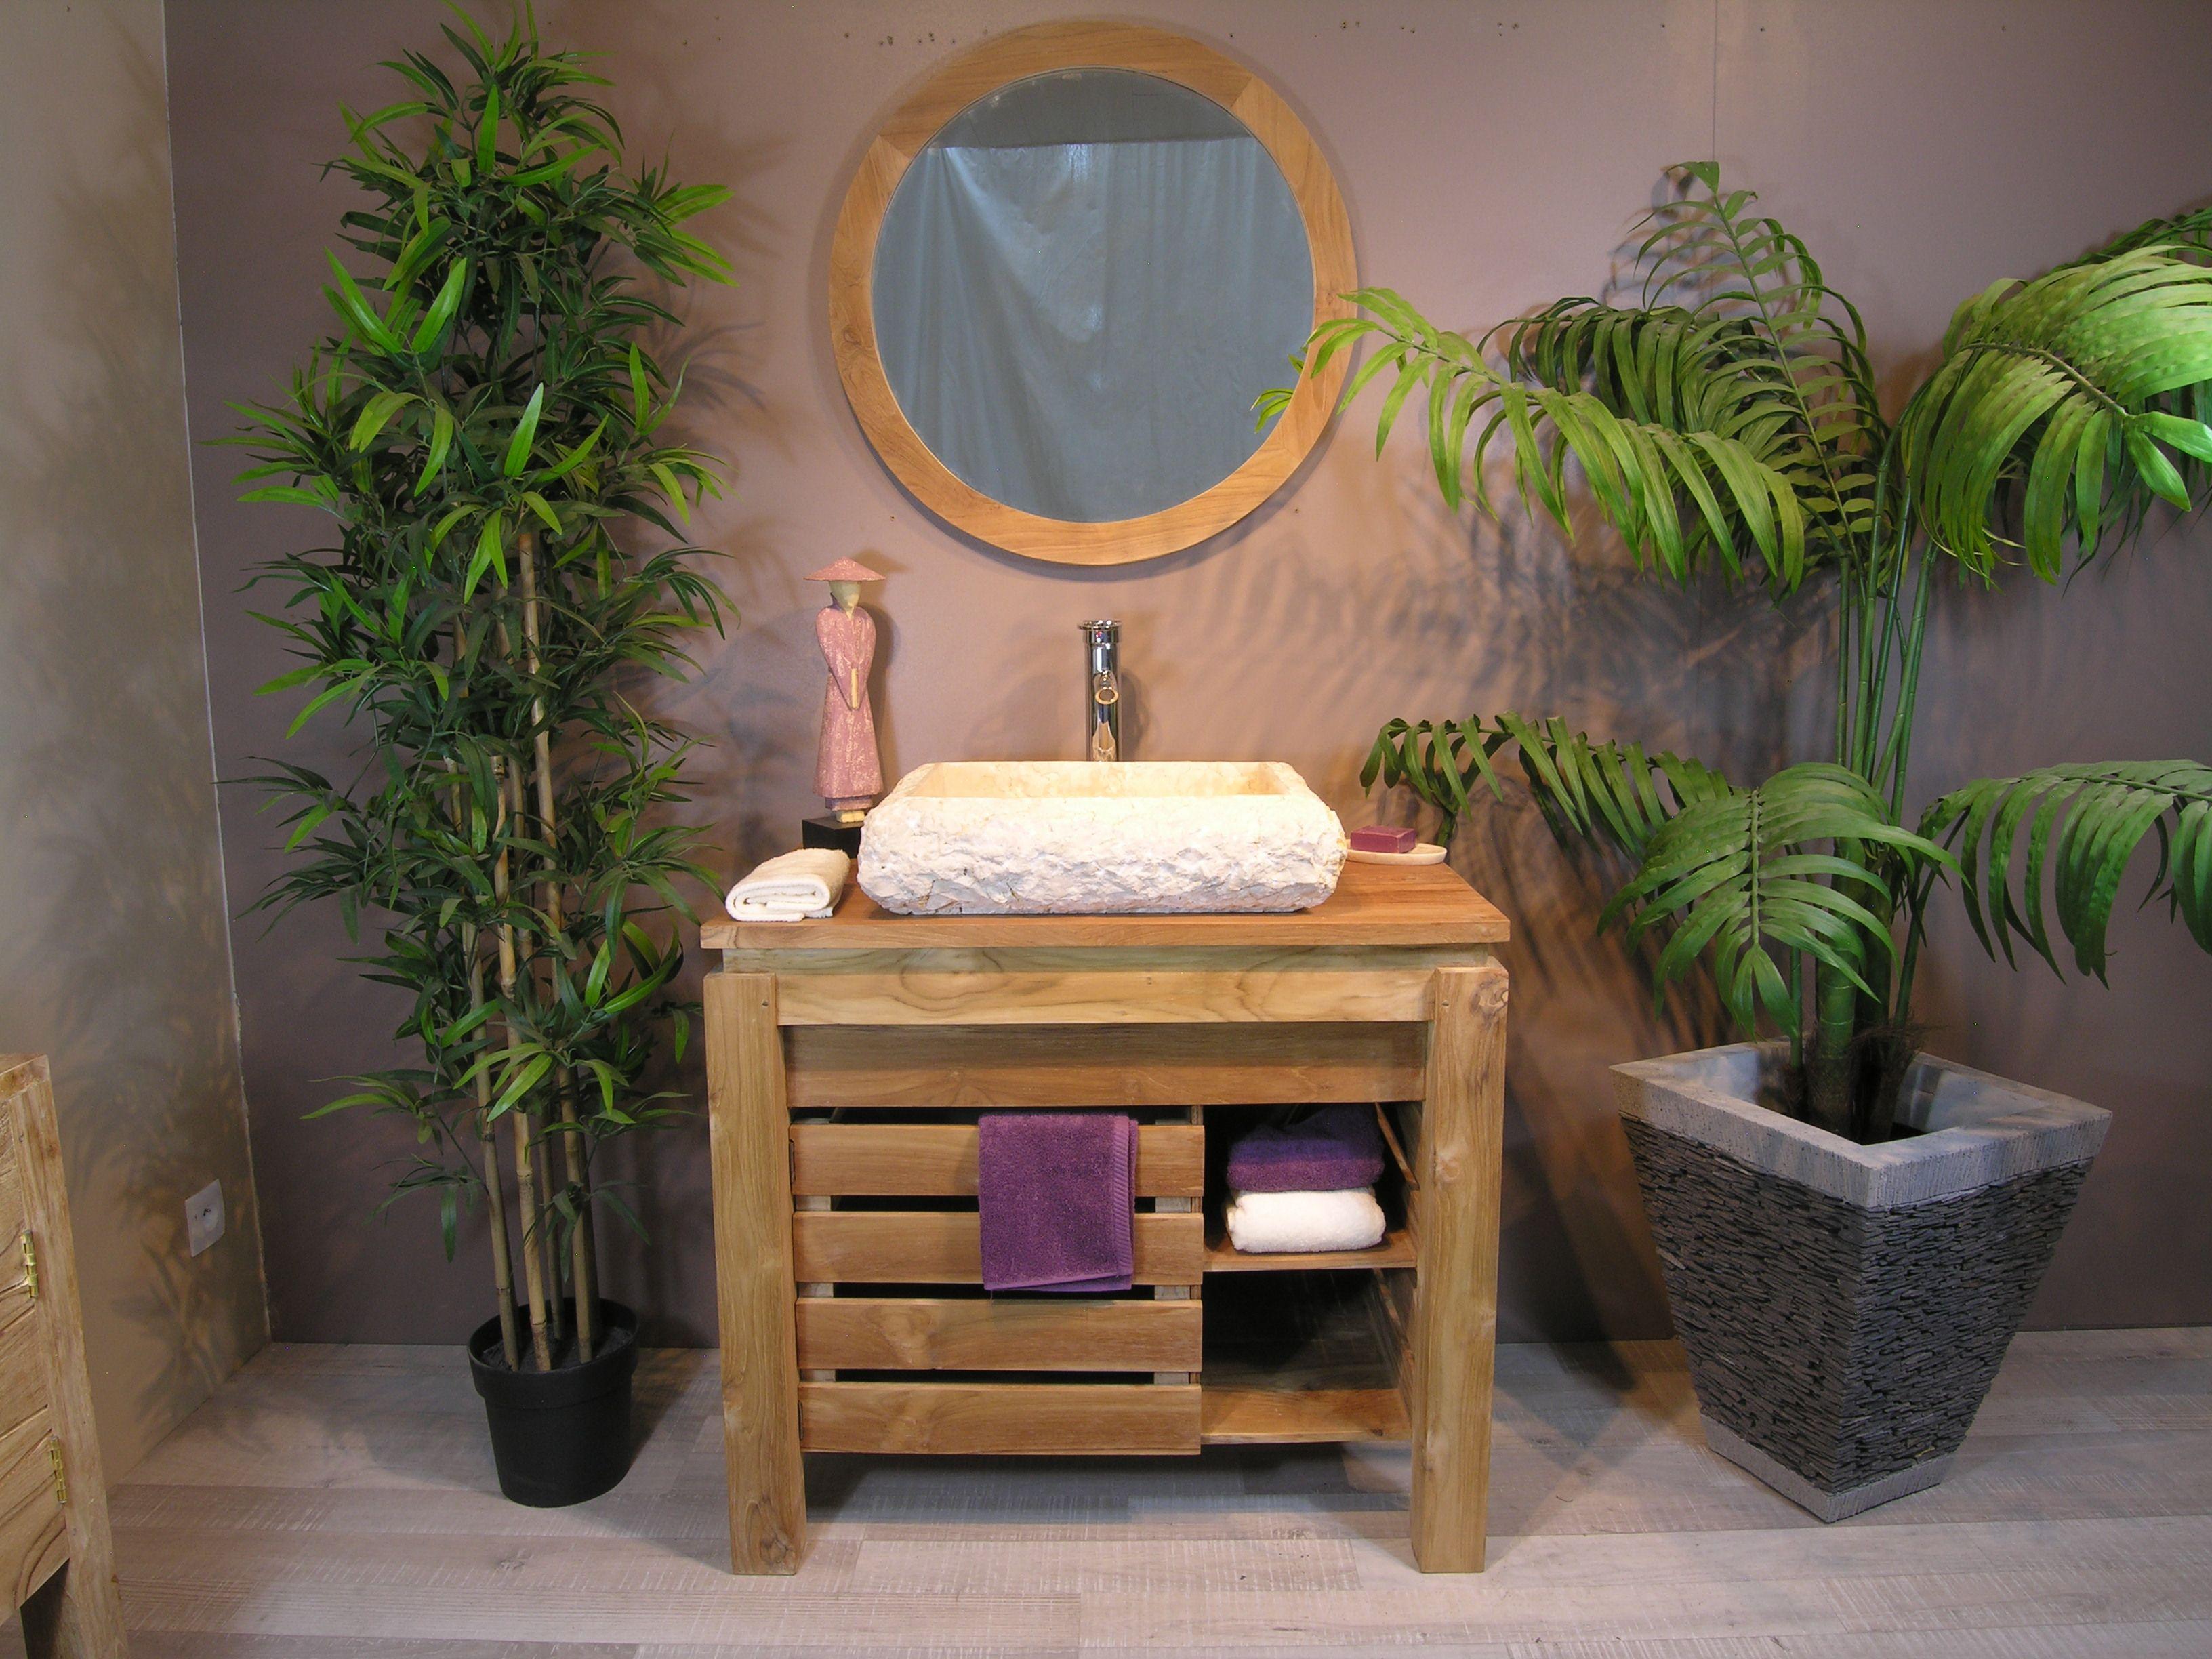 Ori meuble de salle de bain en teck zen 85cm miroir 446 - Meuble salle de bain zen ...